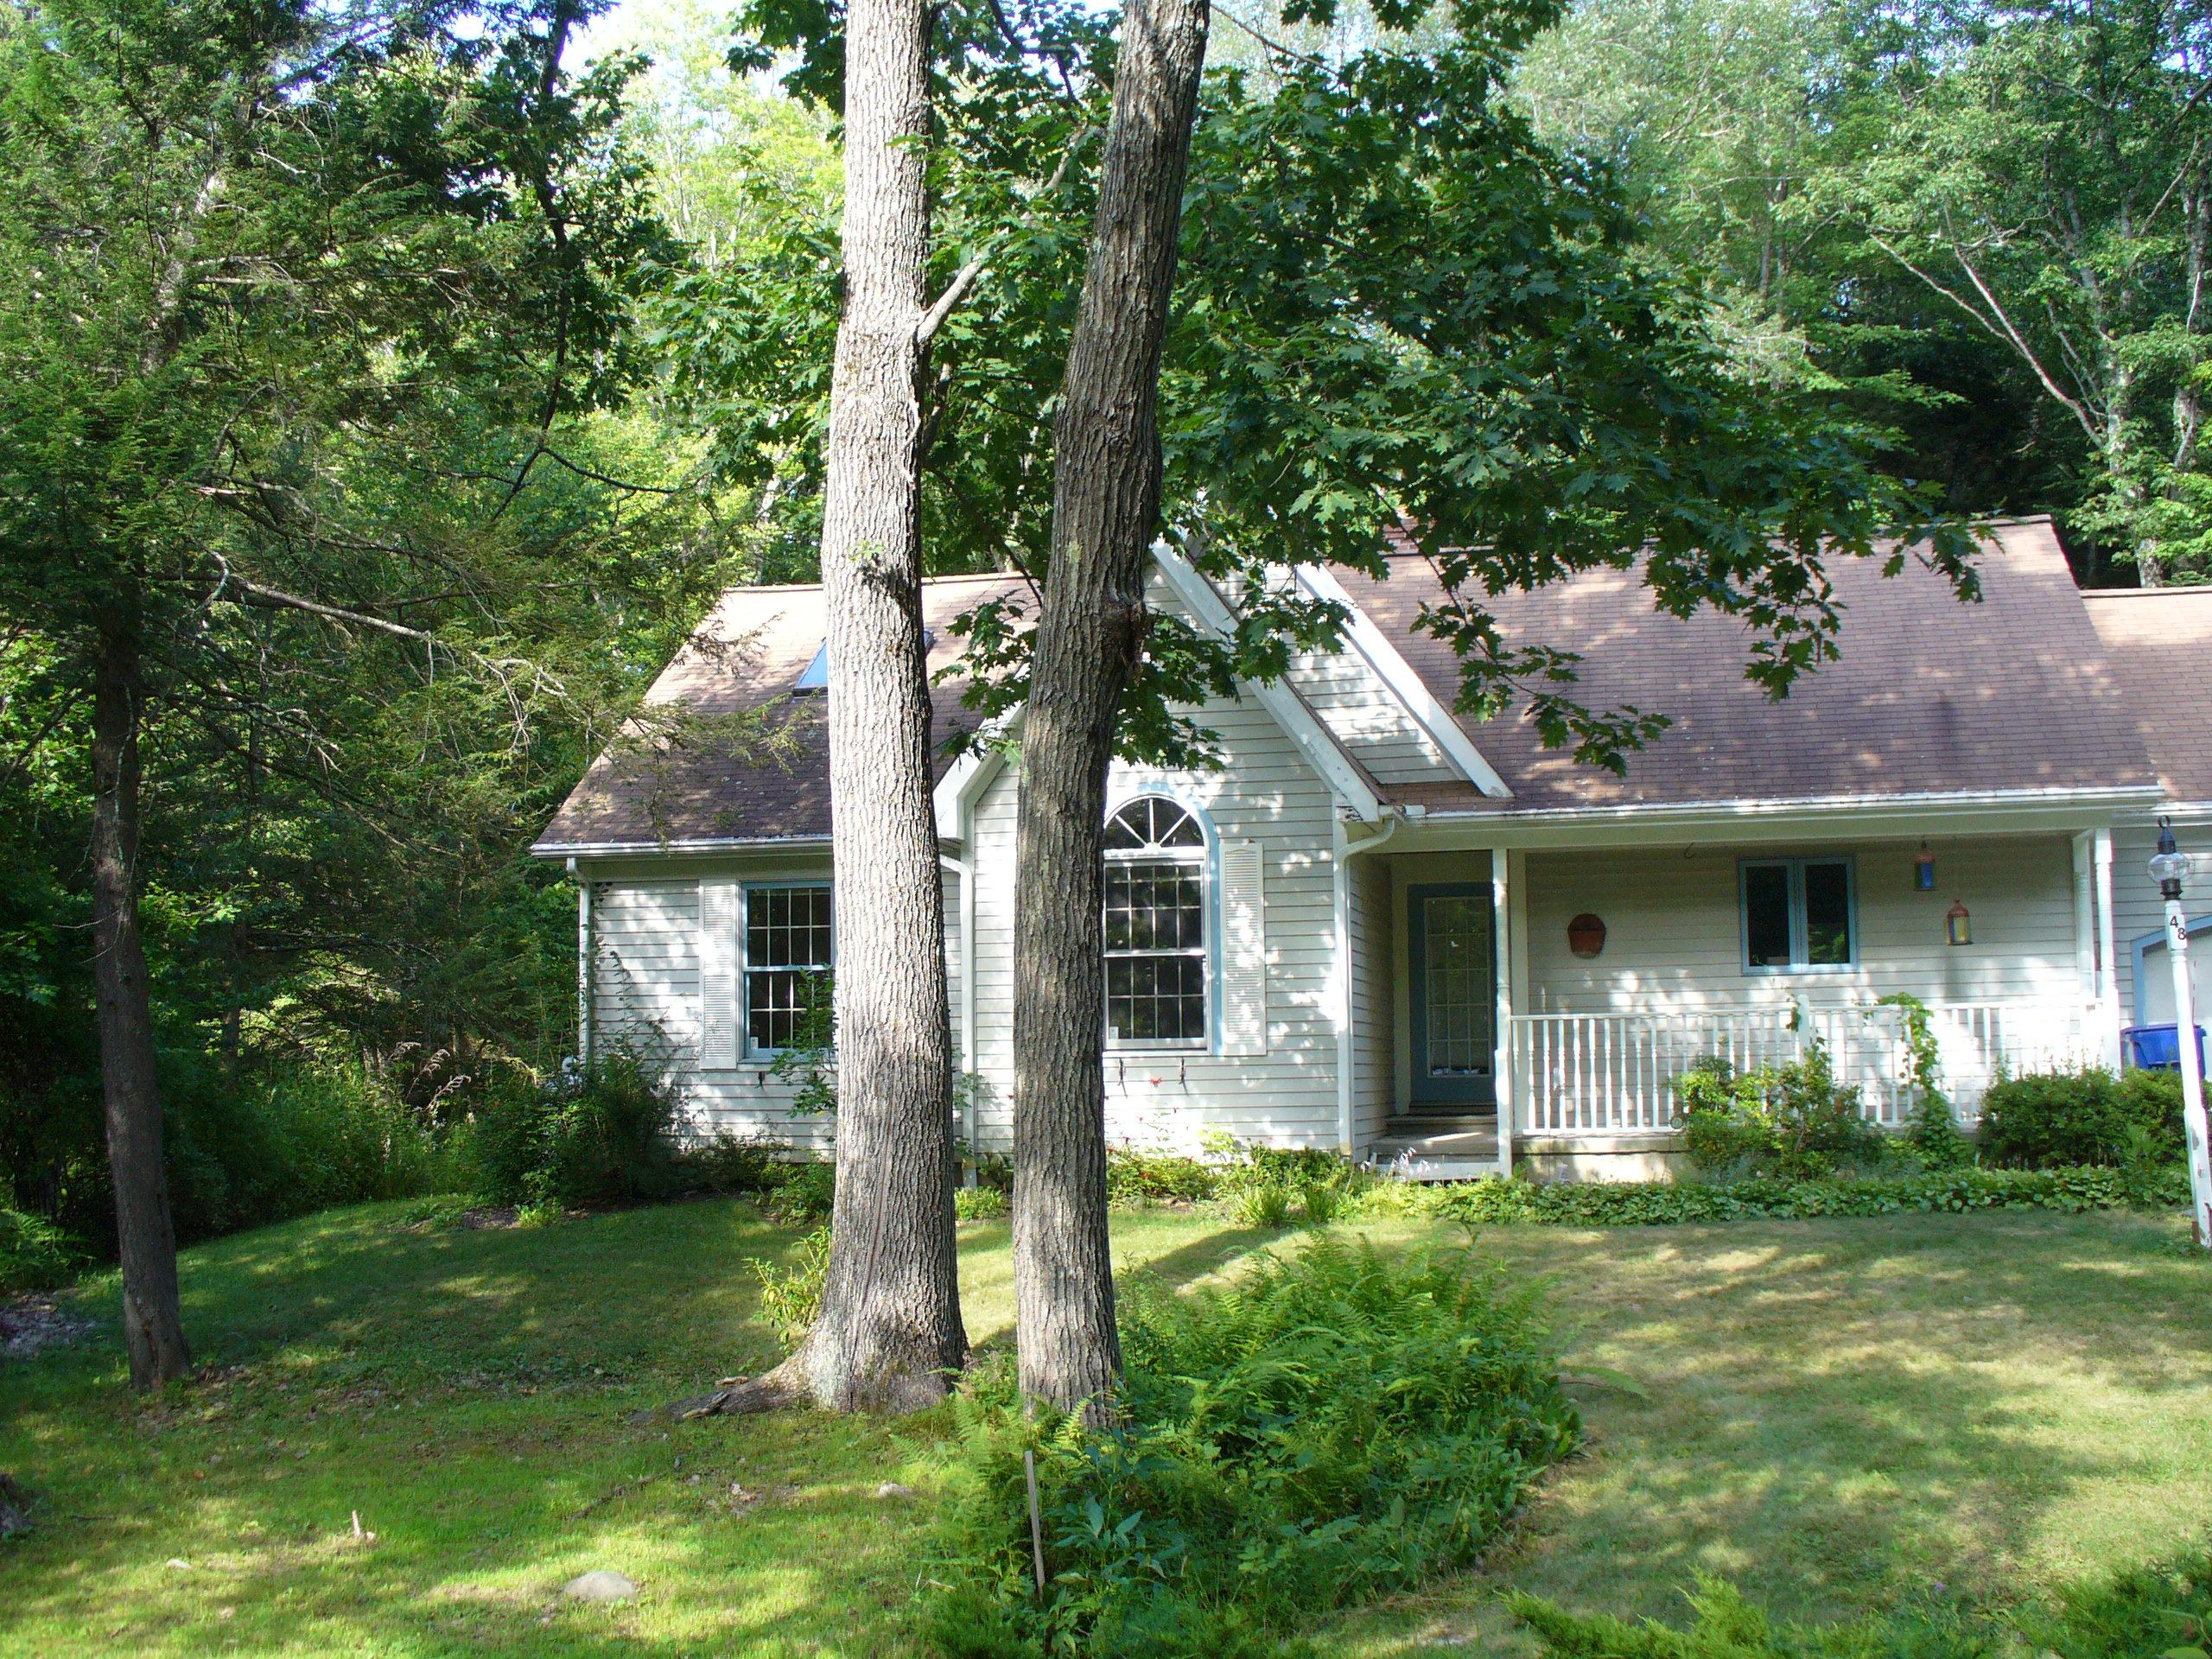 Частный односемейный дом для того Продажа на Woodridge Lake West Side 48 Cornwall Dr Goshen, Коннектикут 06756 Соединенные Штаты